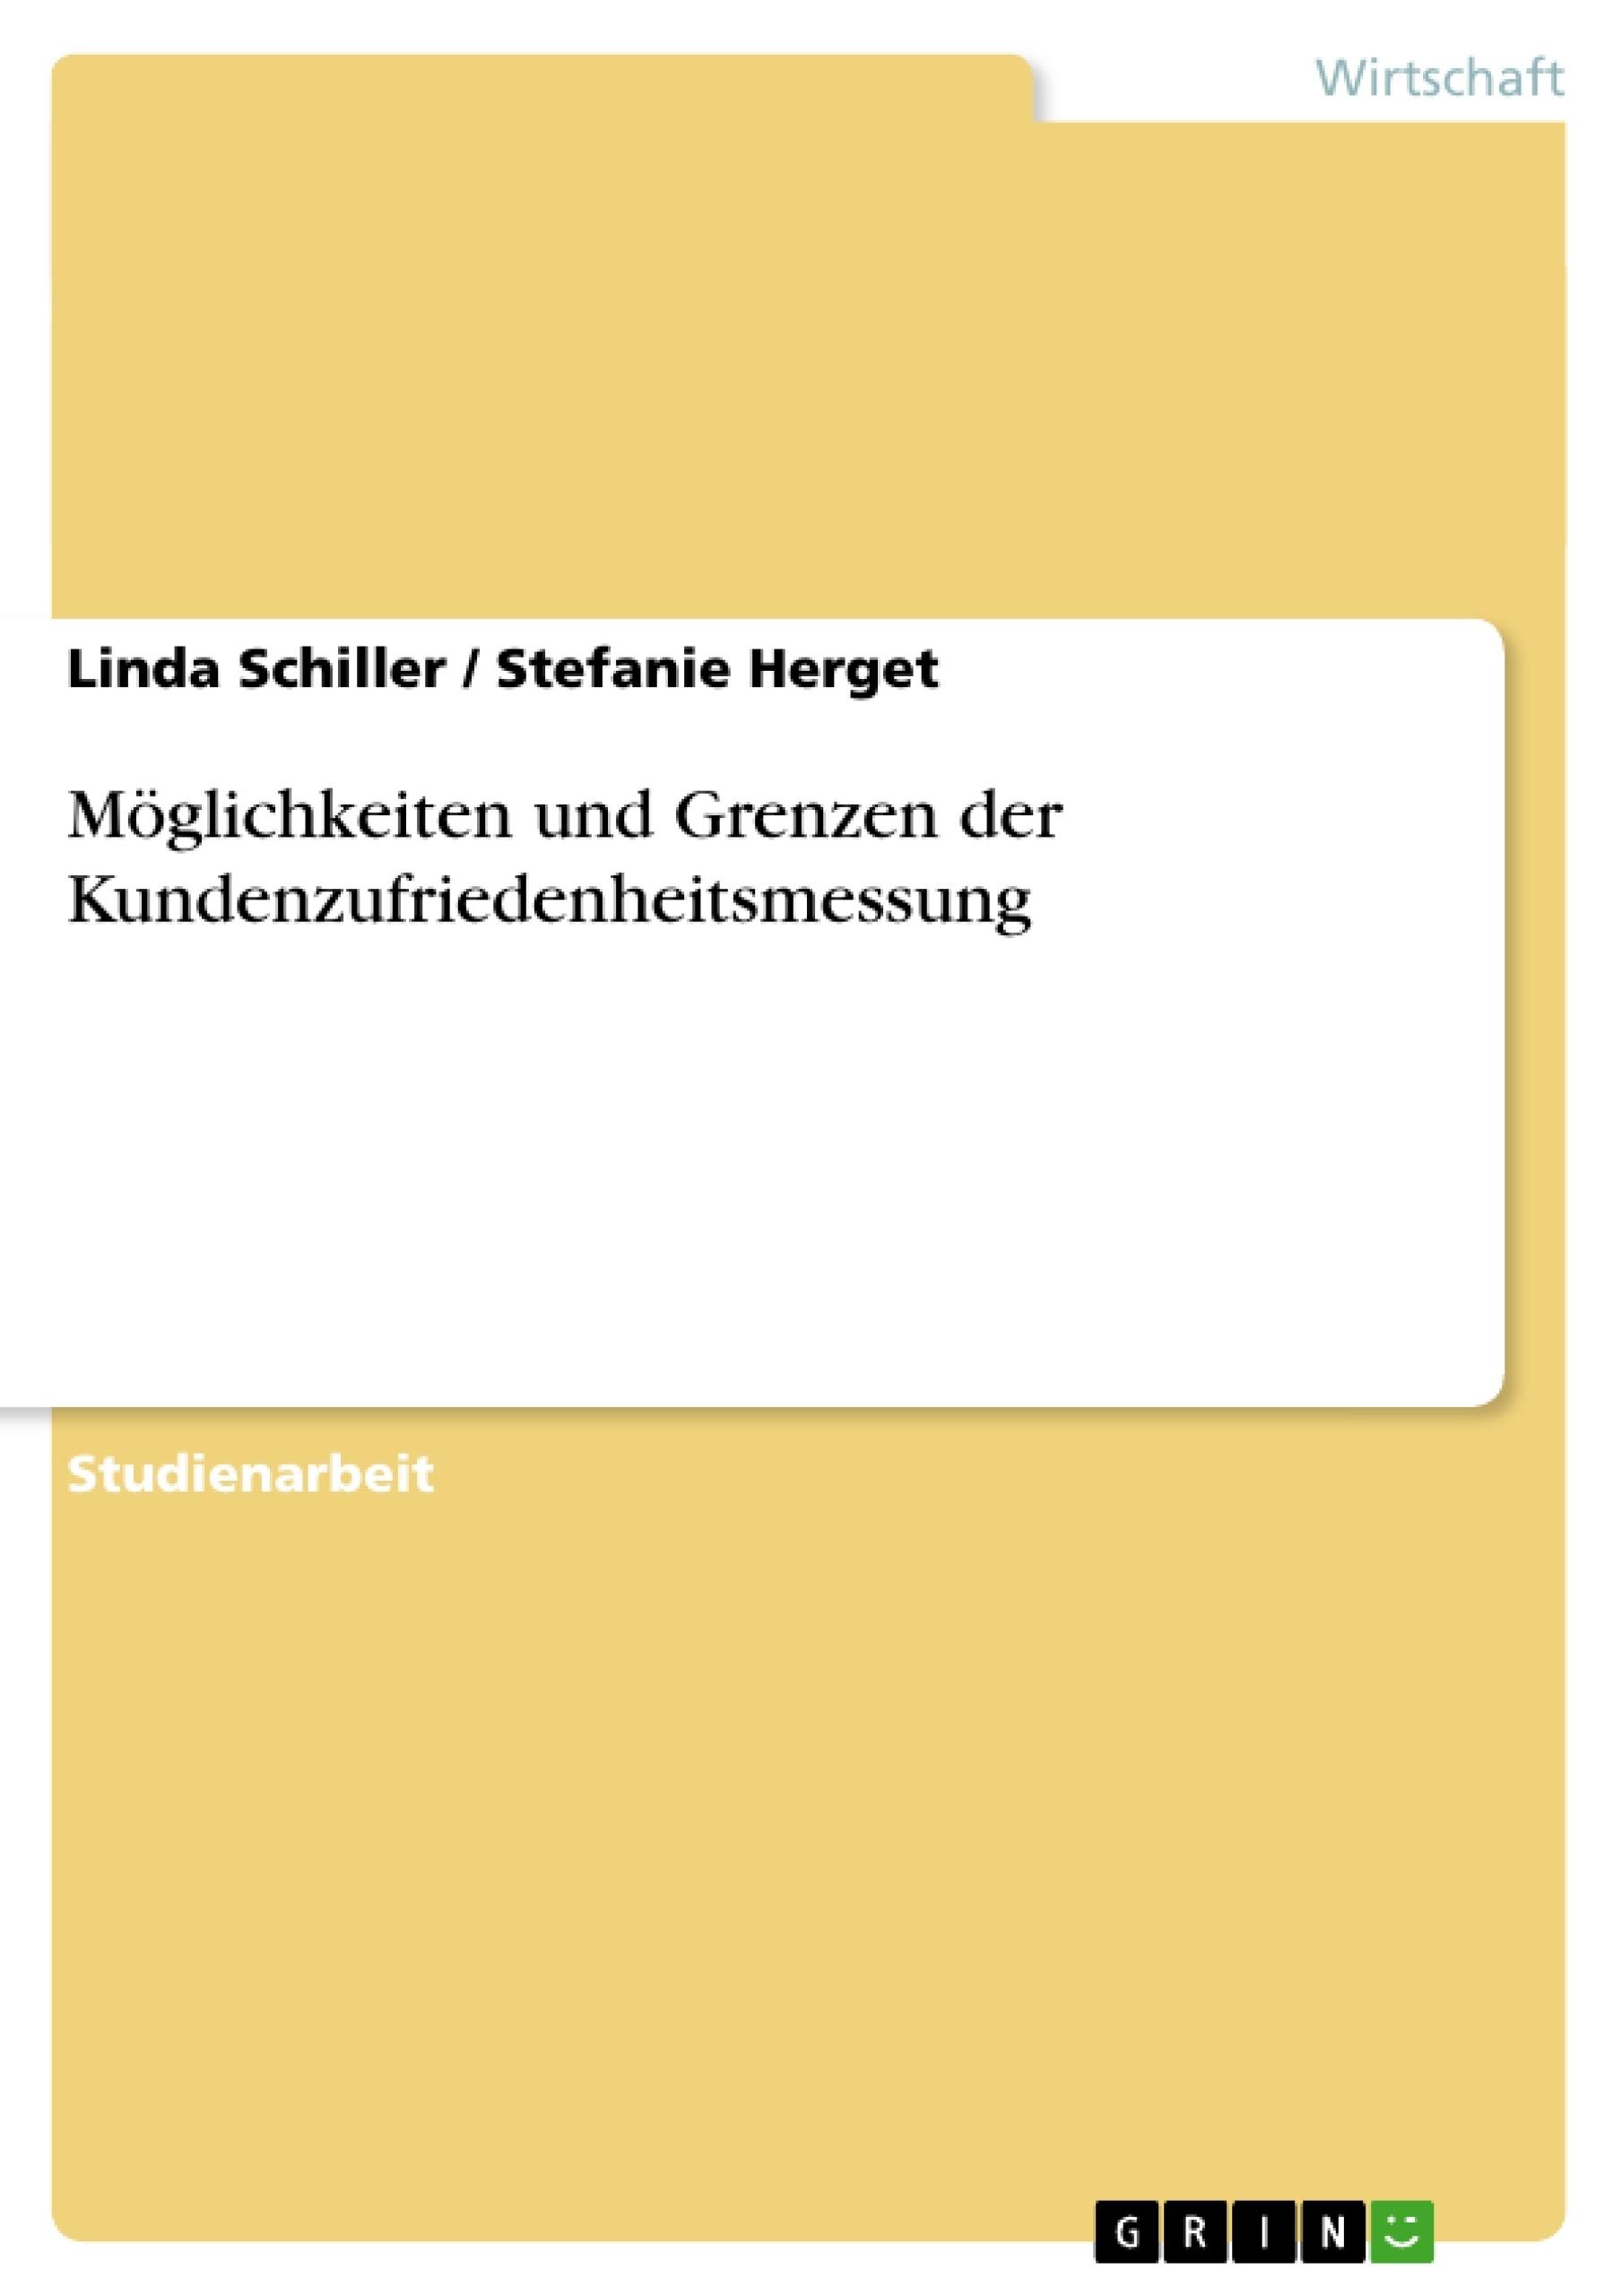 Titel: Möglichkeiten und Grenzen der Kundenzufriedenheitsmessung